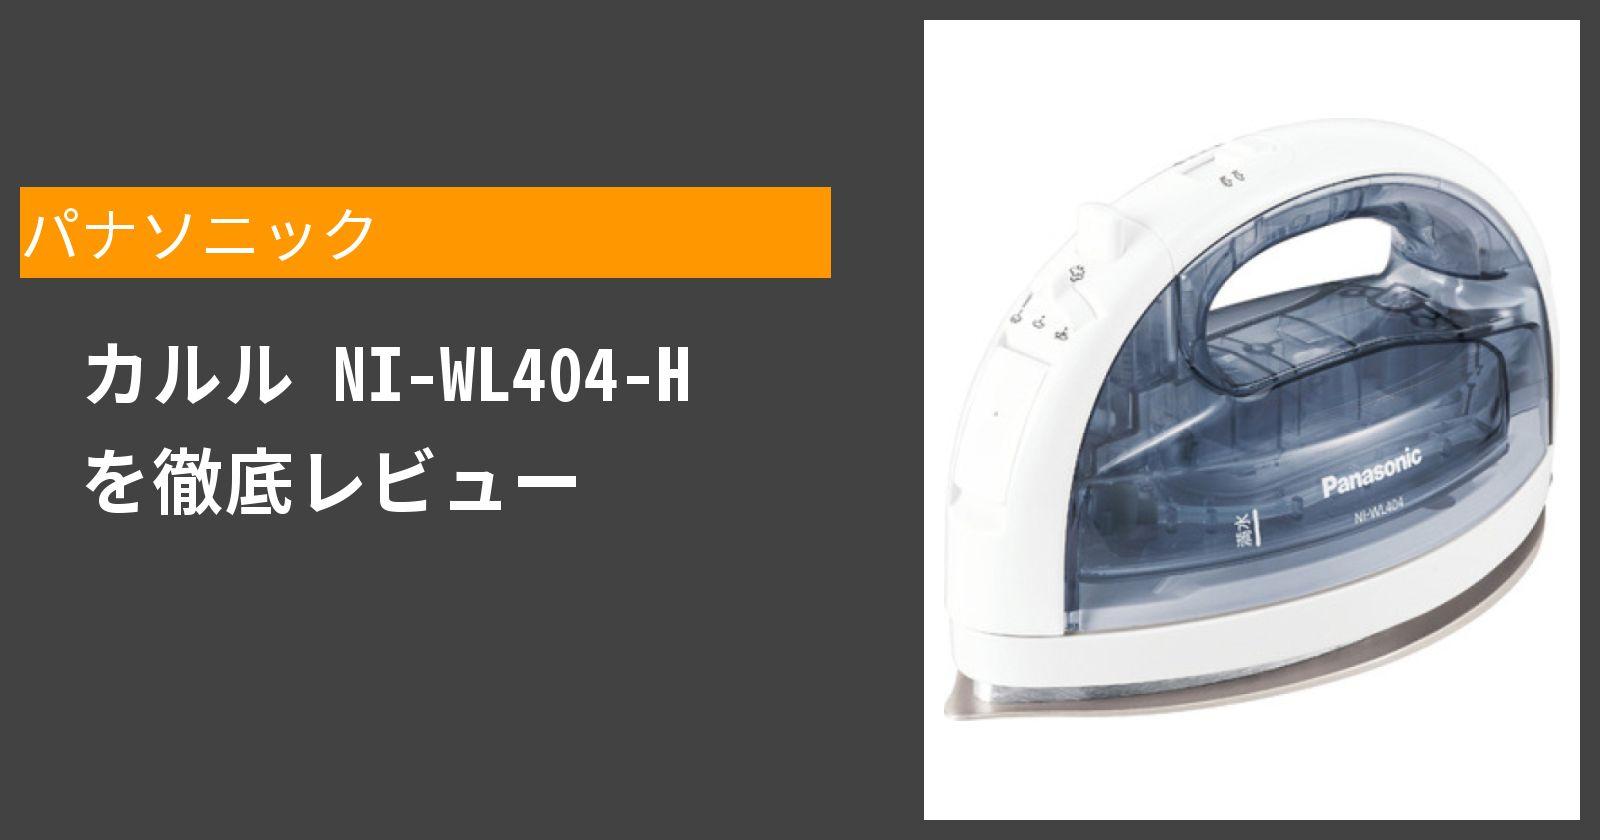 カルル NI-WL404-Hを徹底評価